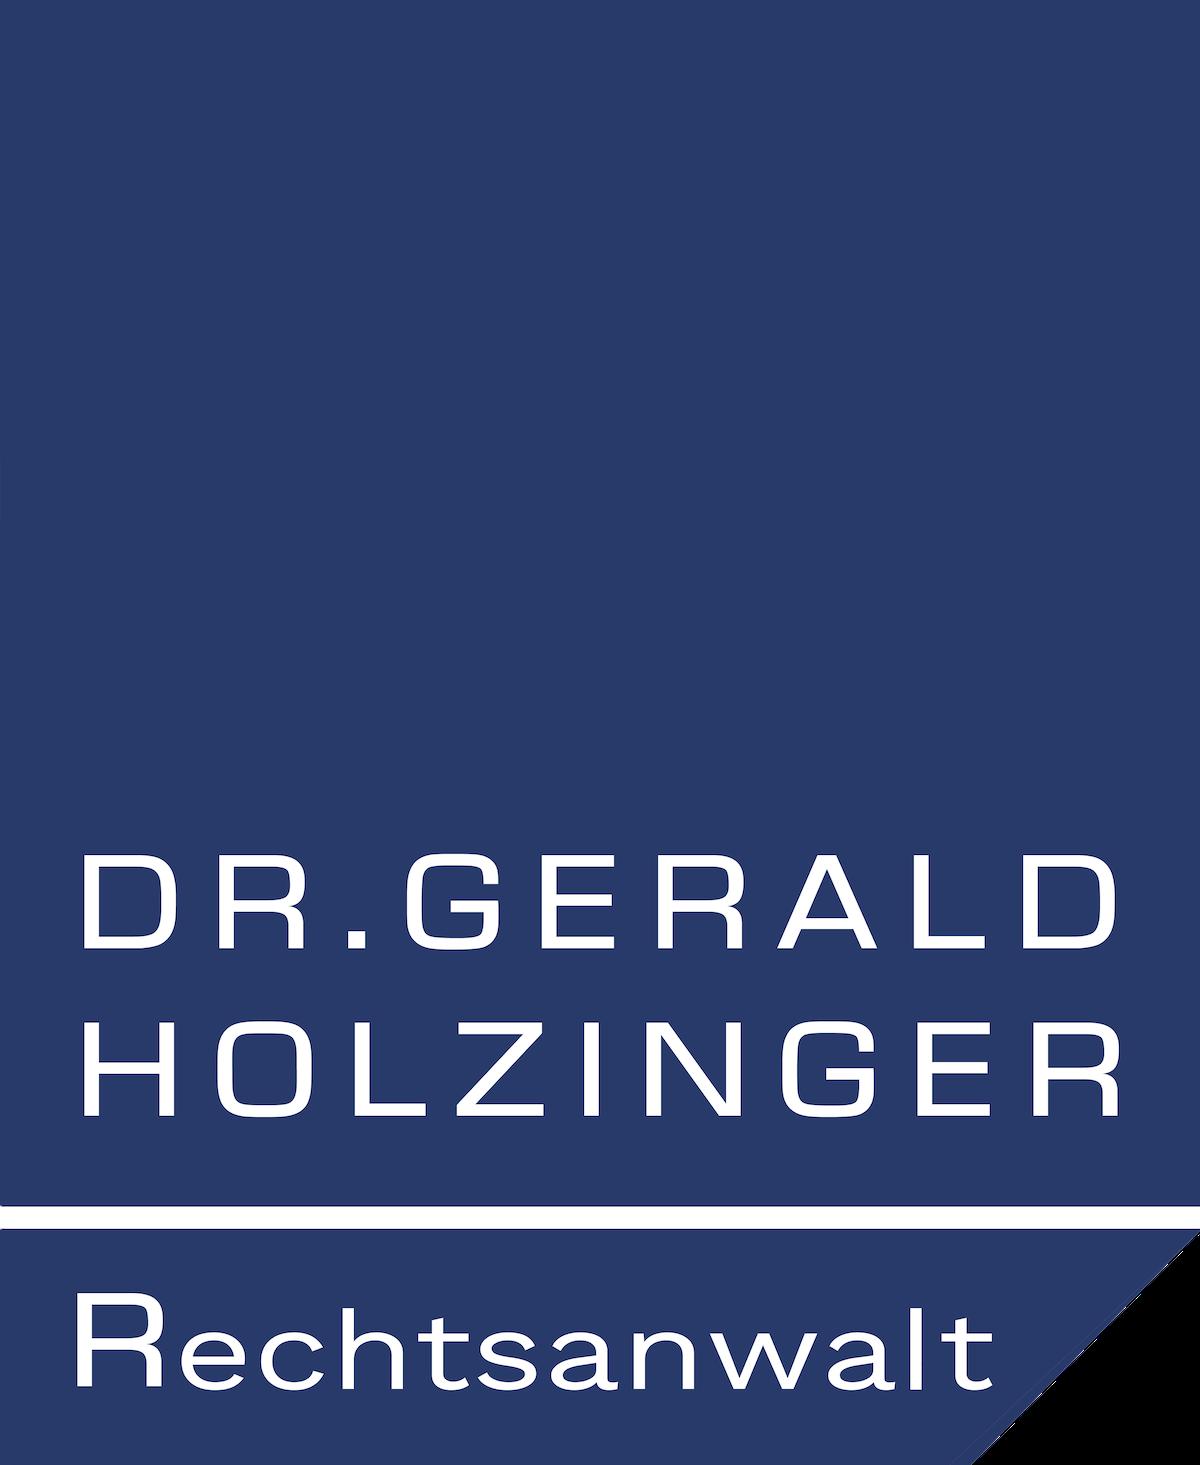 Rechtsanwaltskanzlei Dr. Gerald Holzinger in Salzburg | Die Rechtsanwaltskanzlei Dr. Gerald Holzinger befindet sich in zentraler Stadtlage in Salzburg. Auf eine maßgeschneiderte Lösung wird höchstes Augenmerk gelegt.